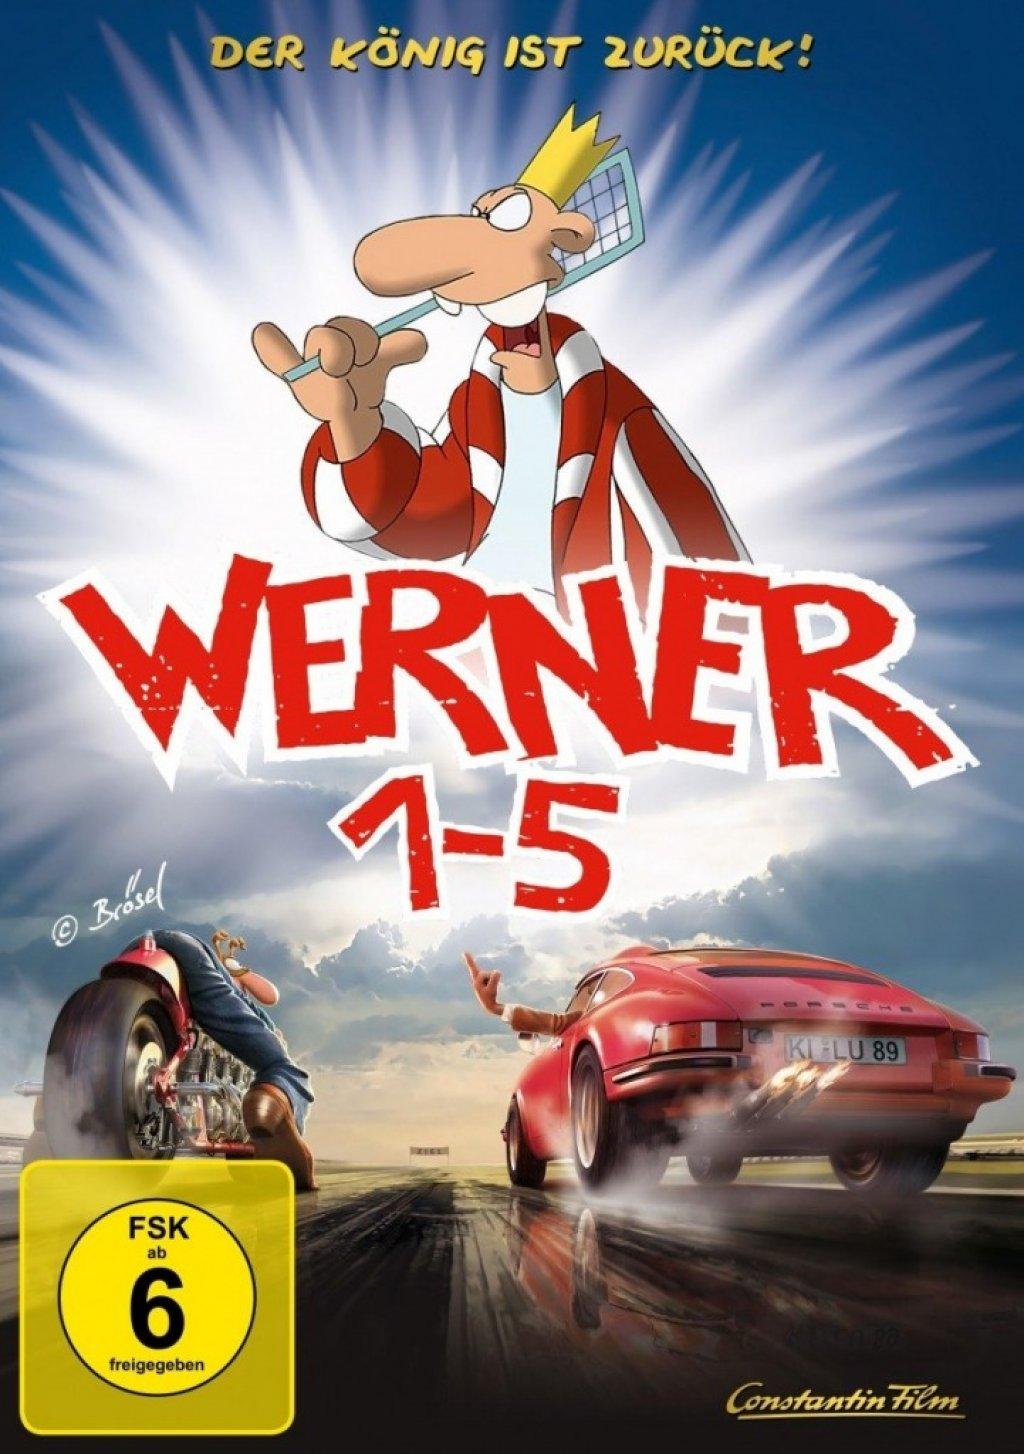 Werner 1-5 - Königbox (DVD)